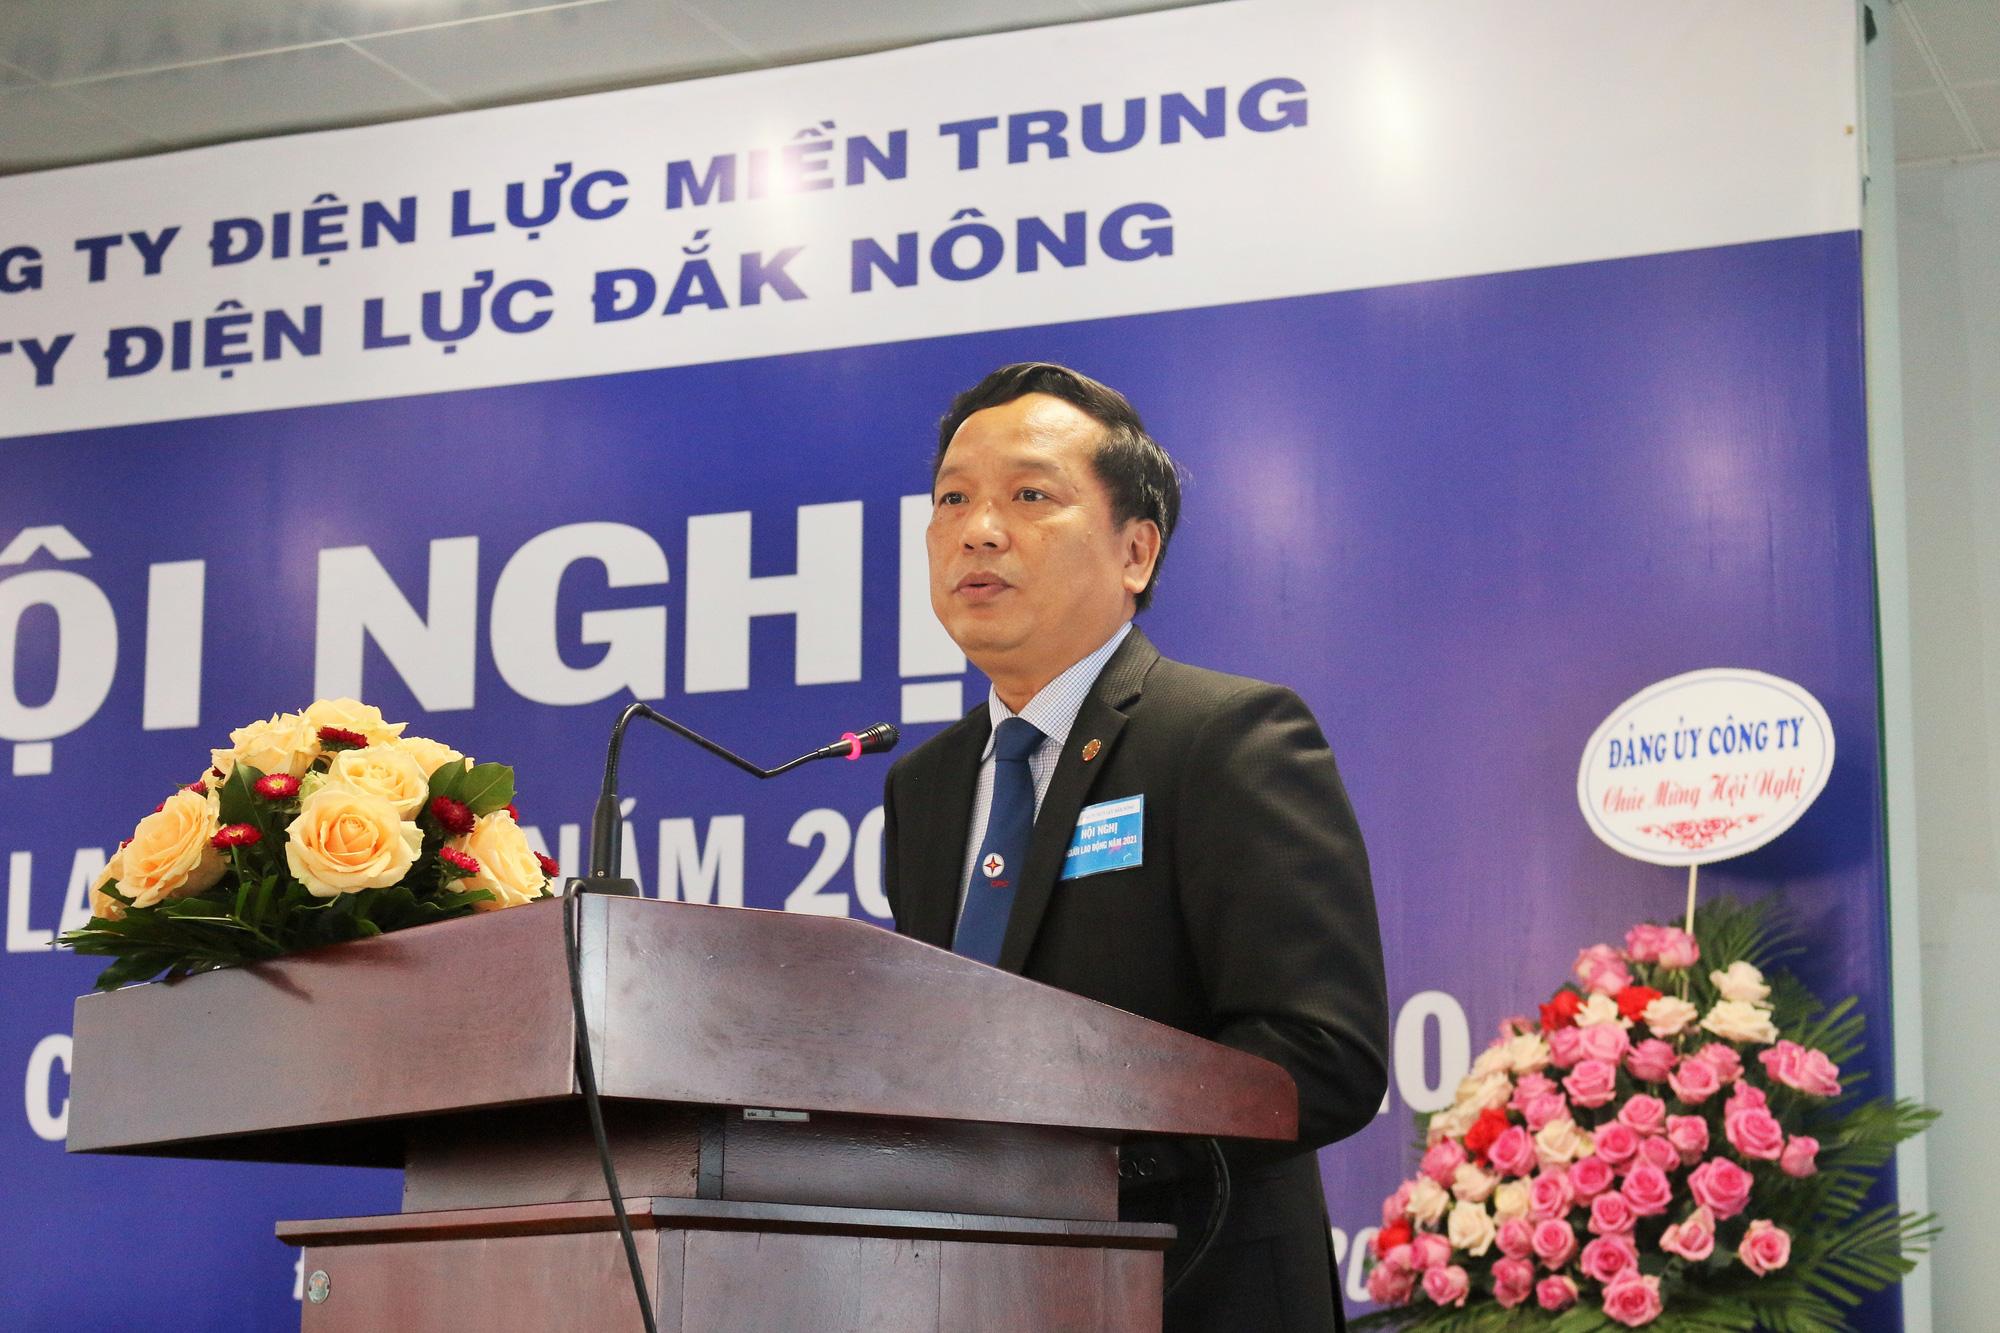 PC Đắk Nông: Hội nghị đại biểu Người lao động năm 2021 thành công tốt đẹp - Ảnh 1.